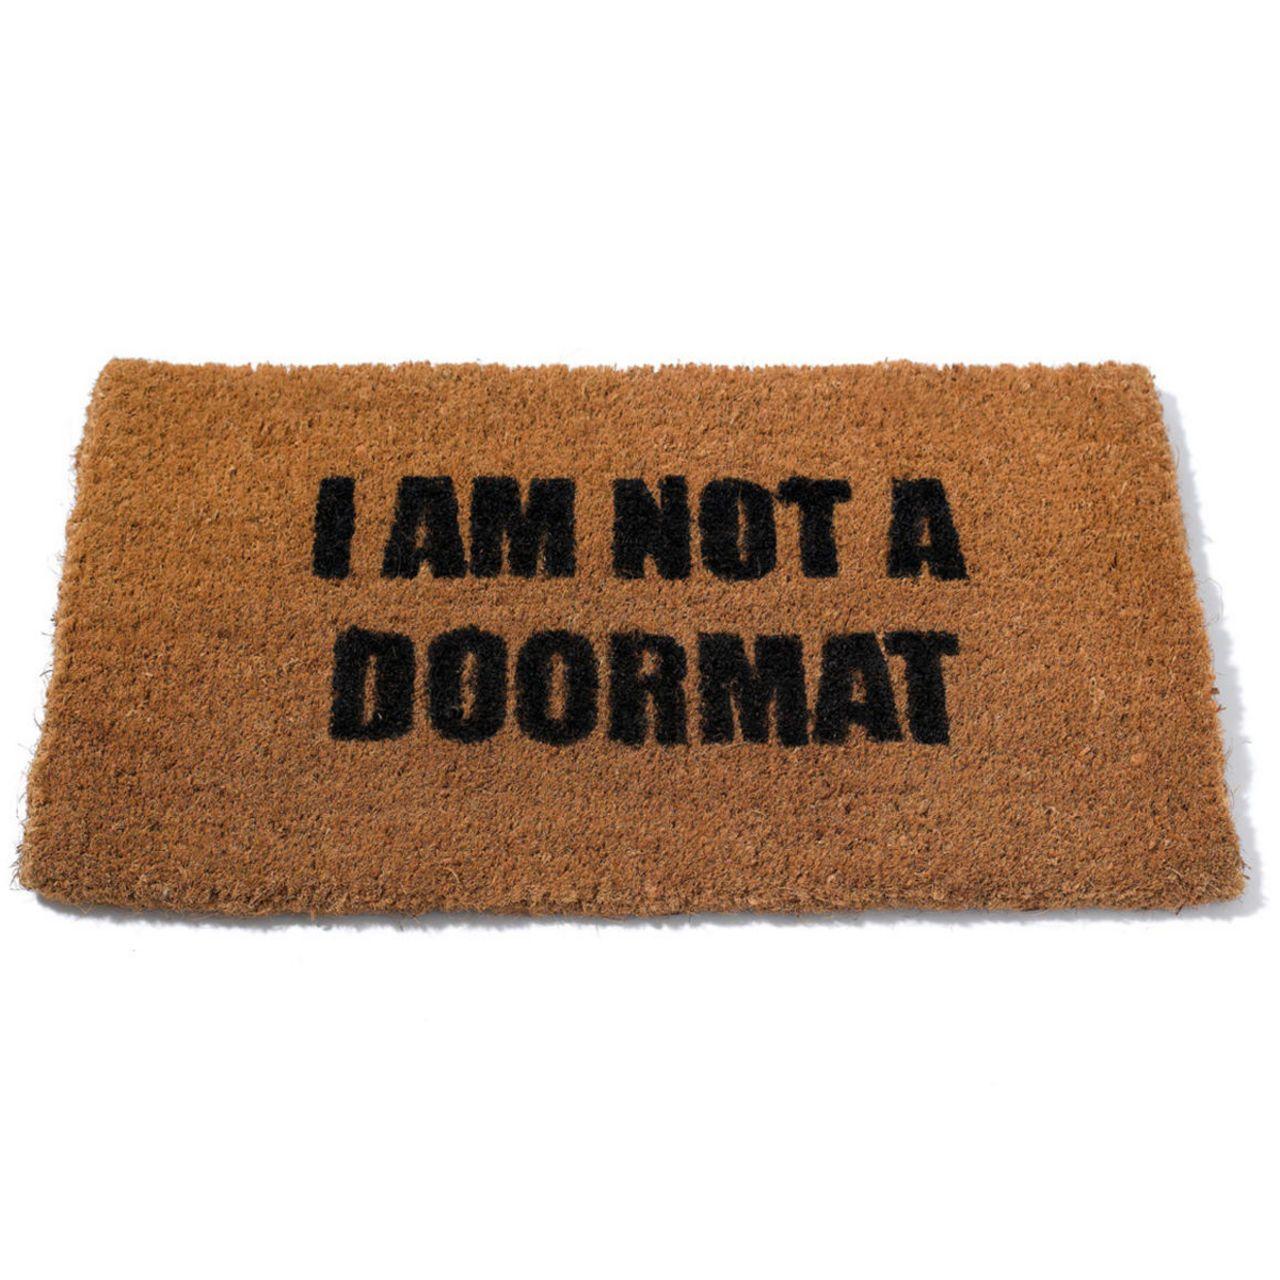 I am not a doormat